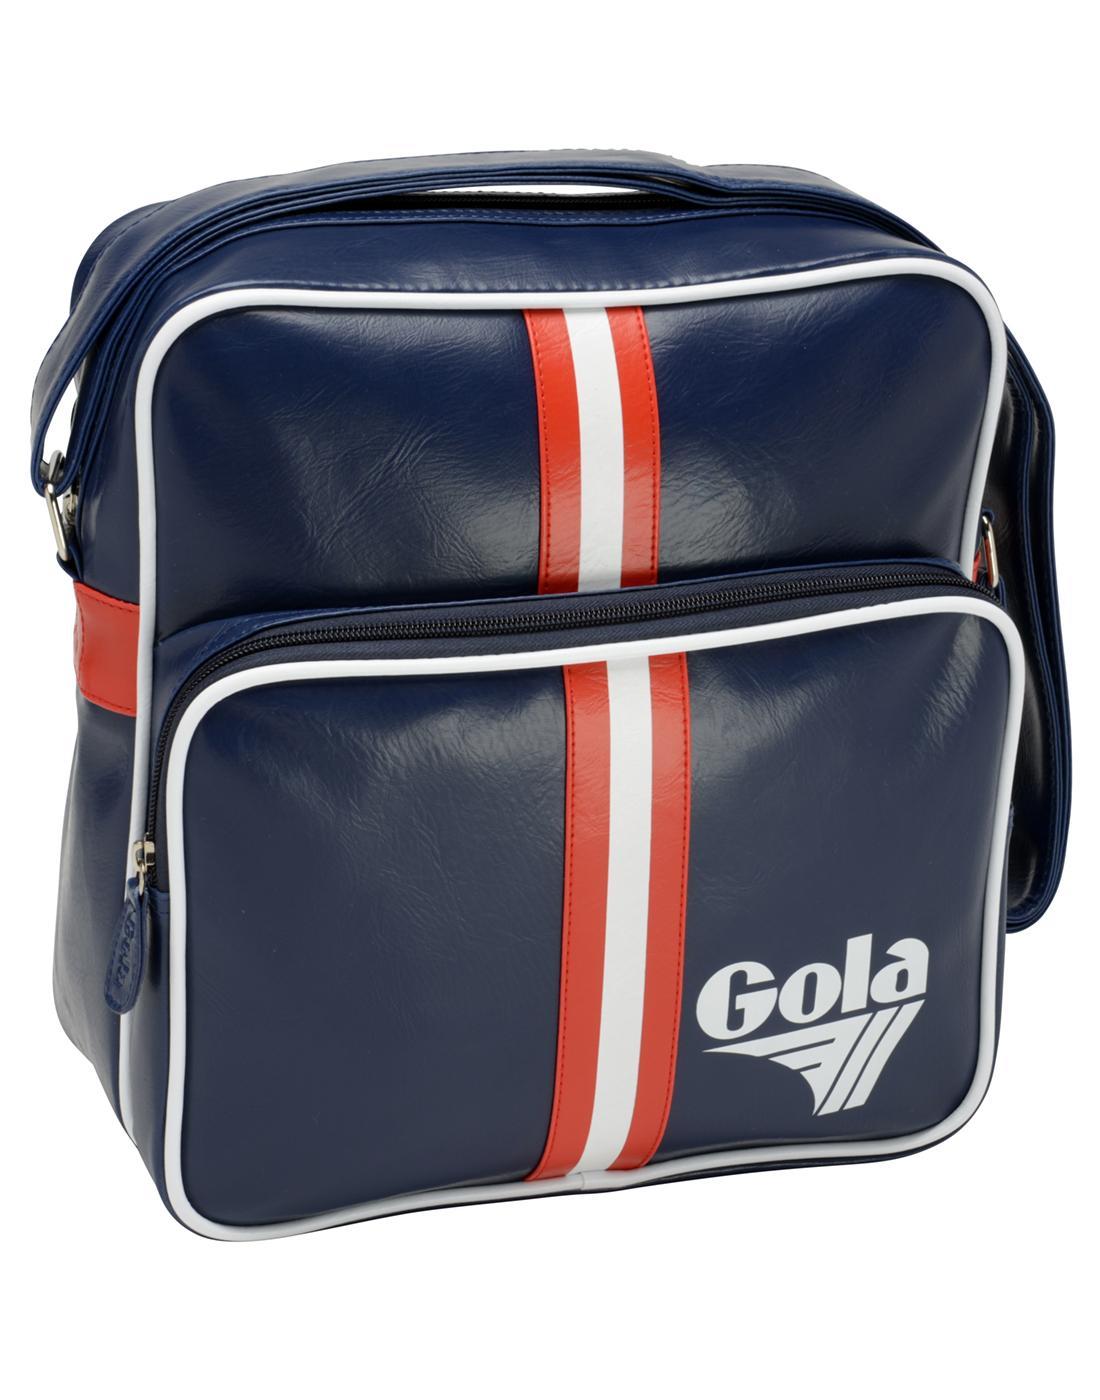 Gable GOLA 70s Retro Stripe Messenger Flight Bag